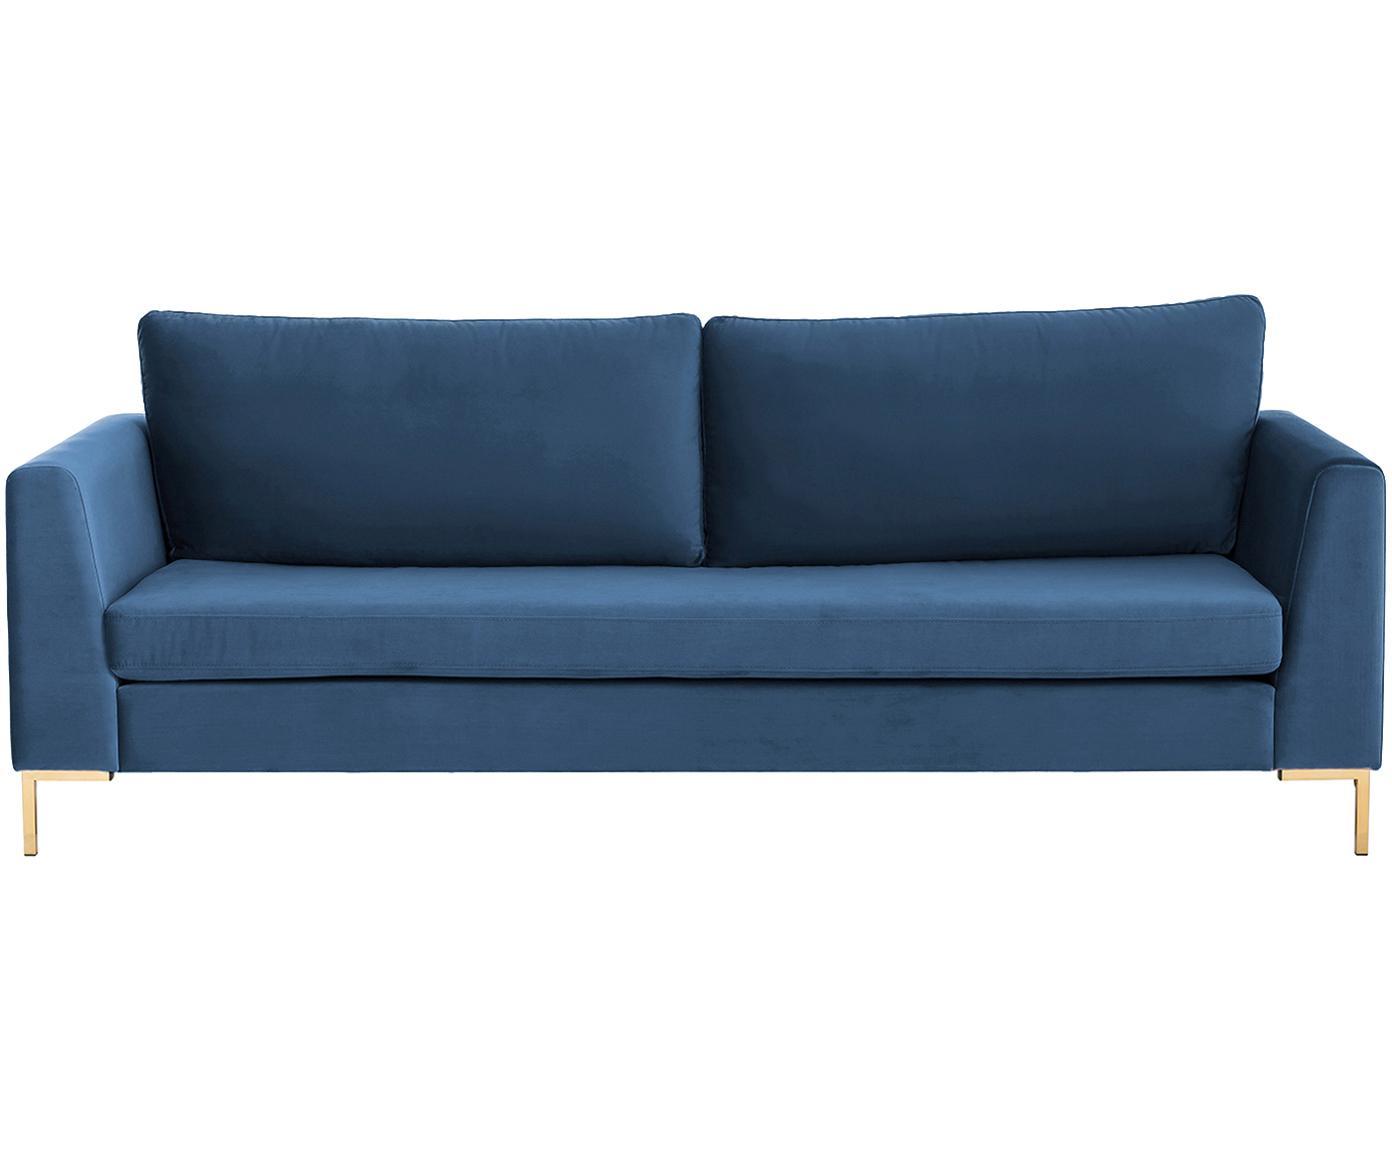 Sofa z aksamitu Luna (3-osobowa), Tapicerka: aksamit (poliester) 8000, Stelaż: lite drewno bukowe, Nogi: metal galwanizowany, Aksamitny niebieski, złoty, S 230 x G 95 cm